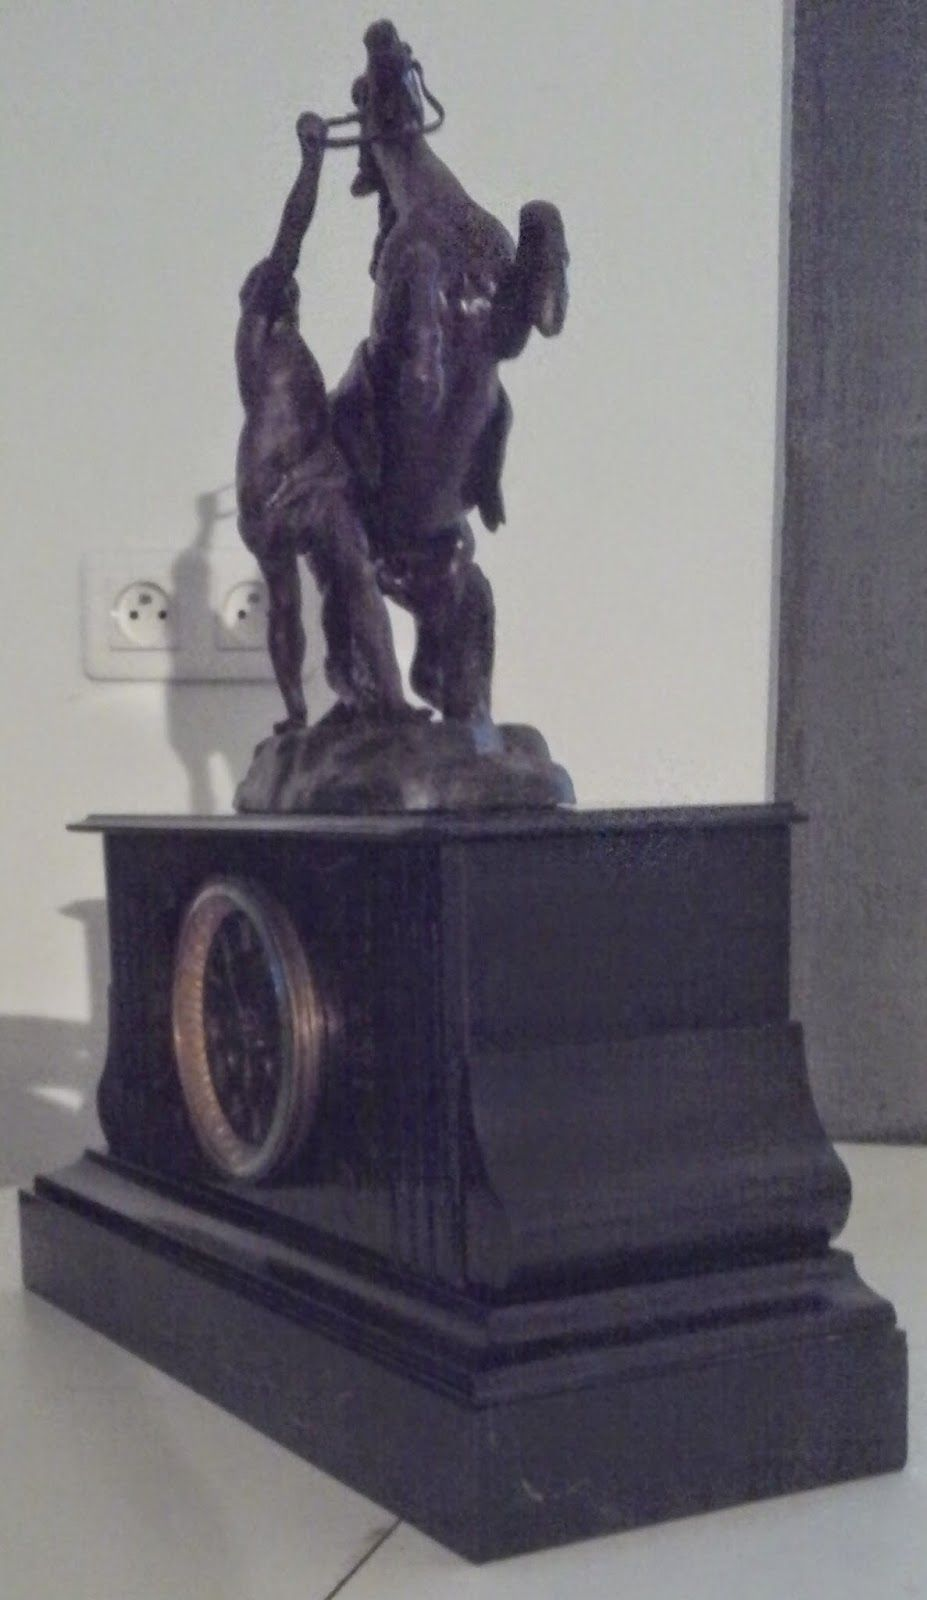 www.didoulabrocante.com: ancienne pendule marbre noir cartel napoléon III second empire mouvement de paris balancier d'origine statue cheval...